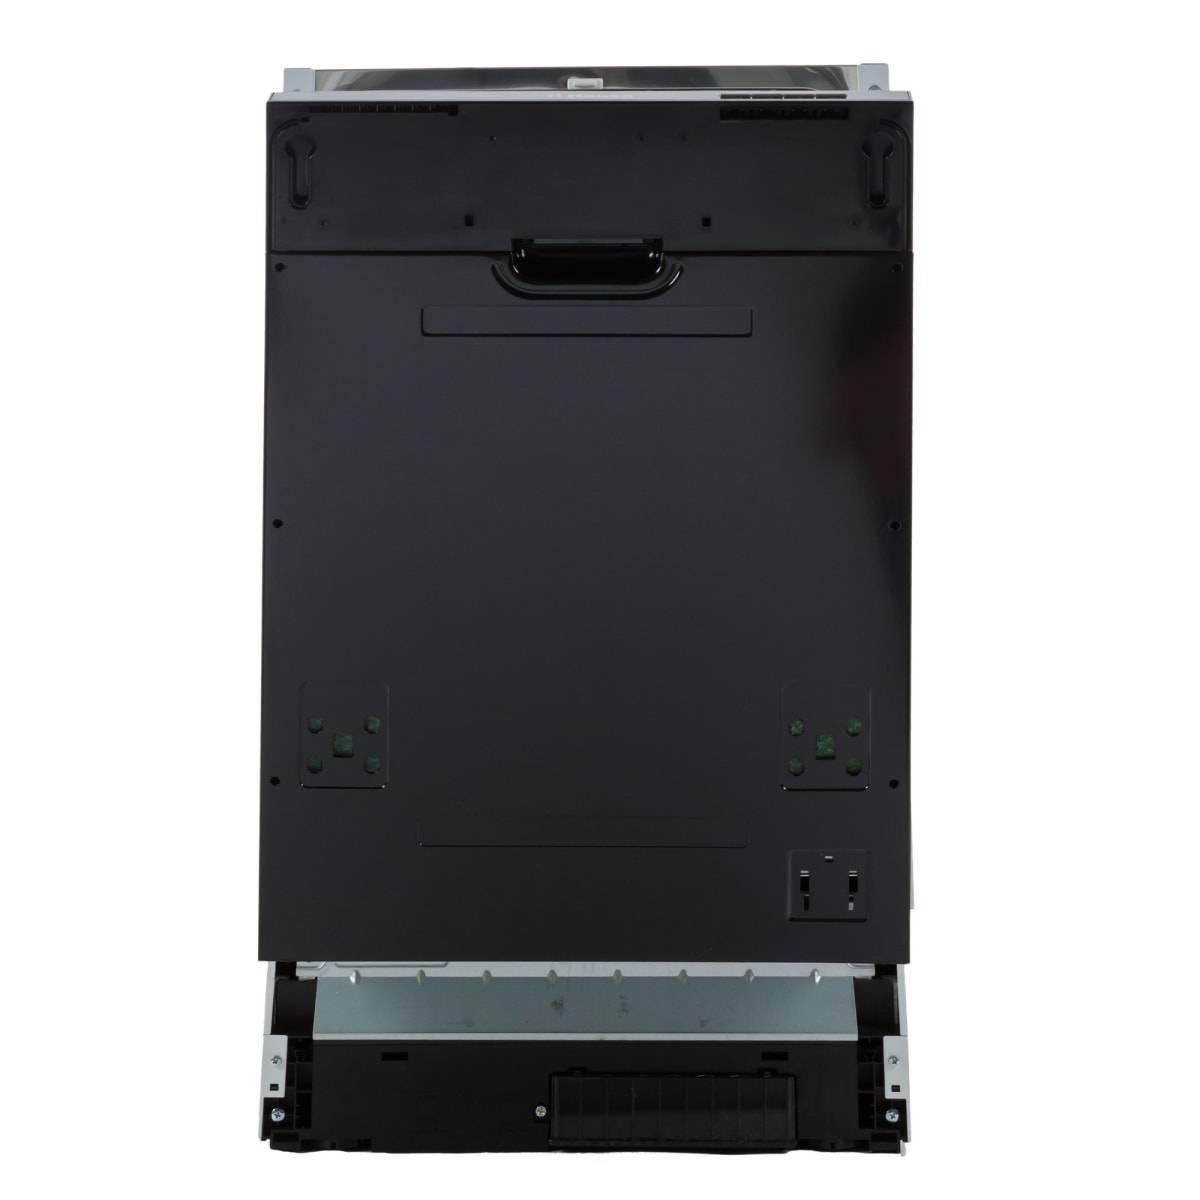 Посудомоечная машина hansa zim 476 h: отзывы и обзор